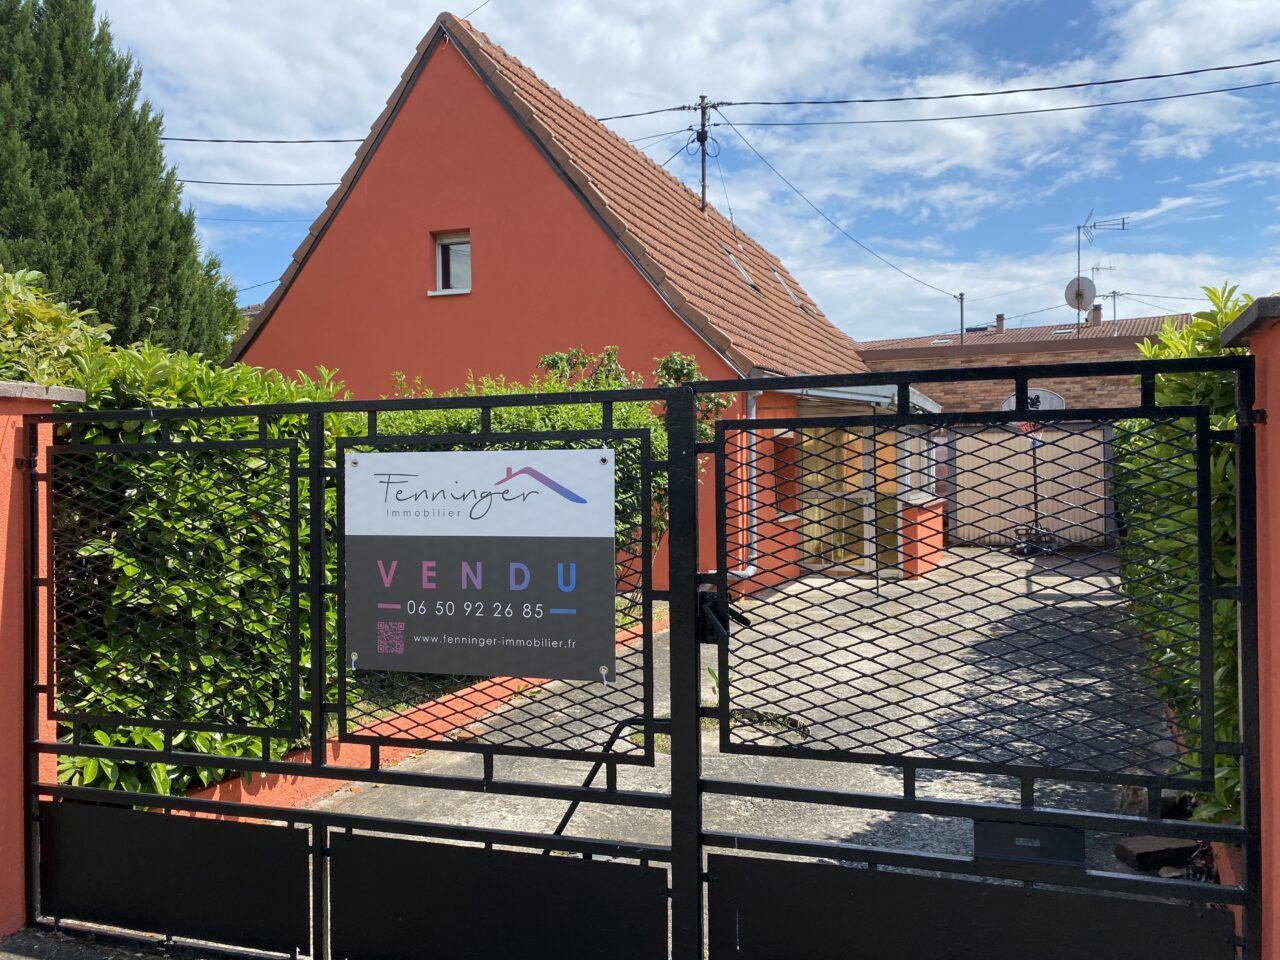 maison haguenau vente Fenninger immobilier